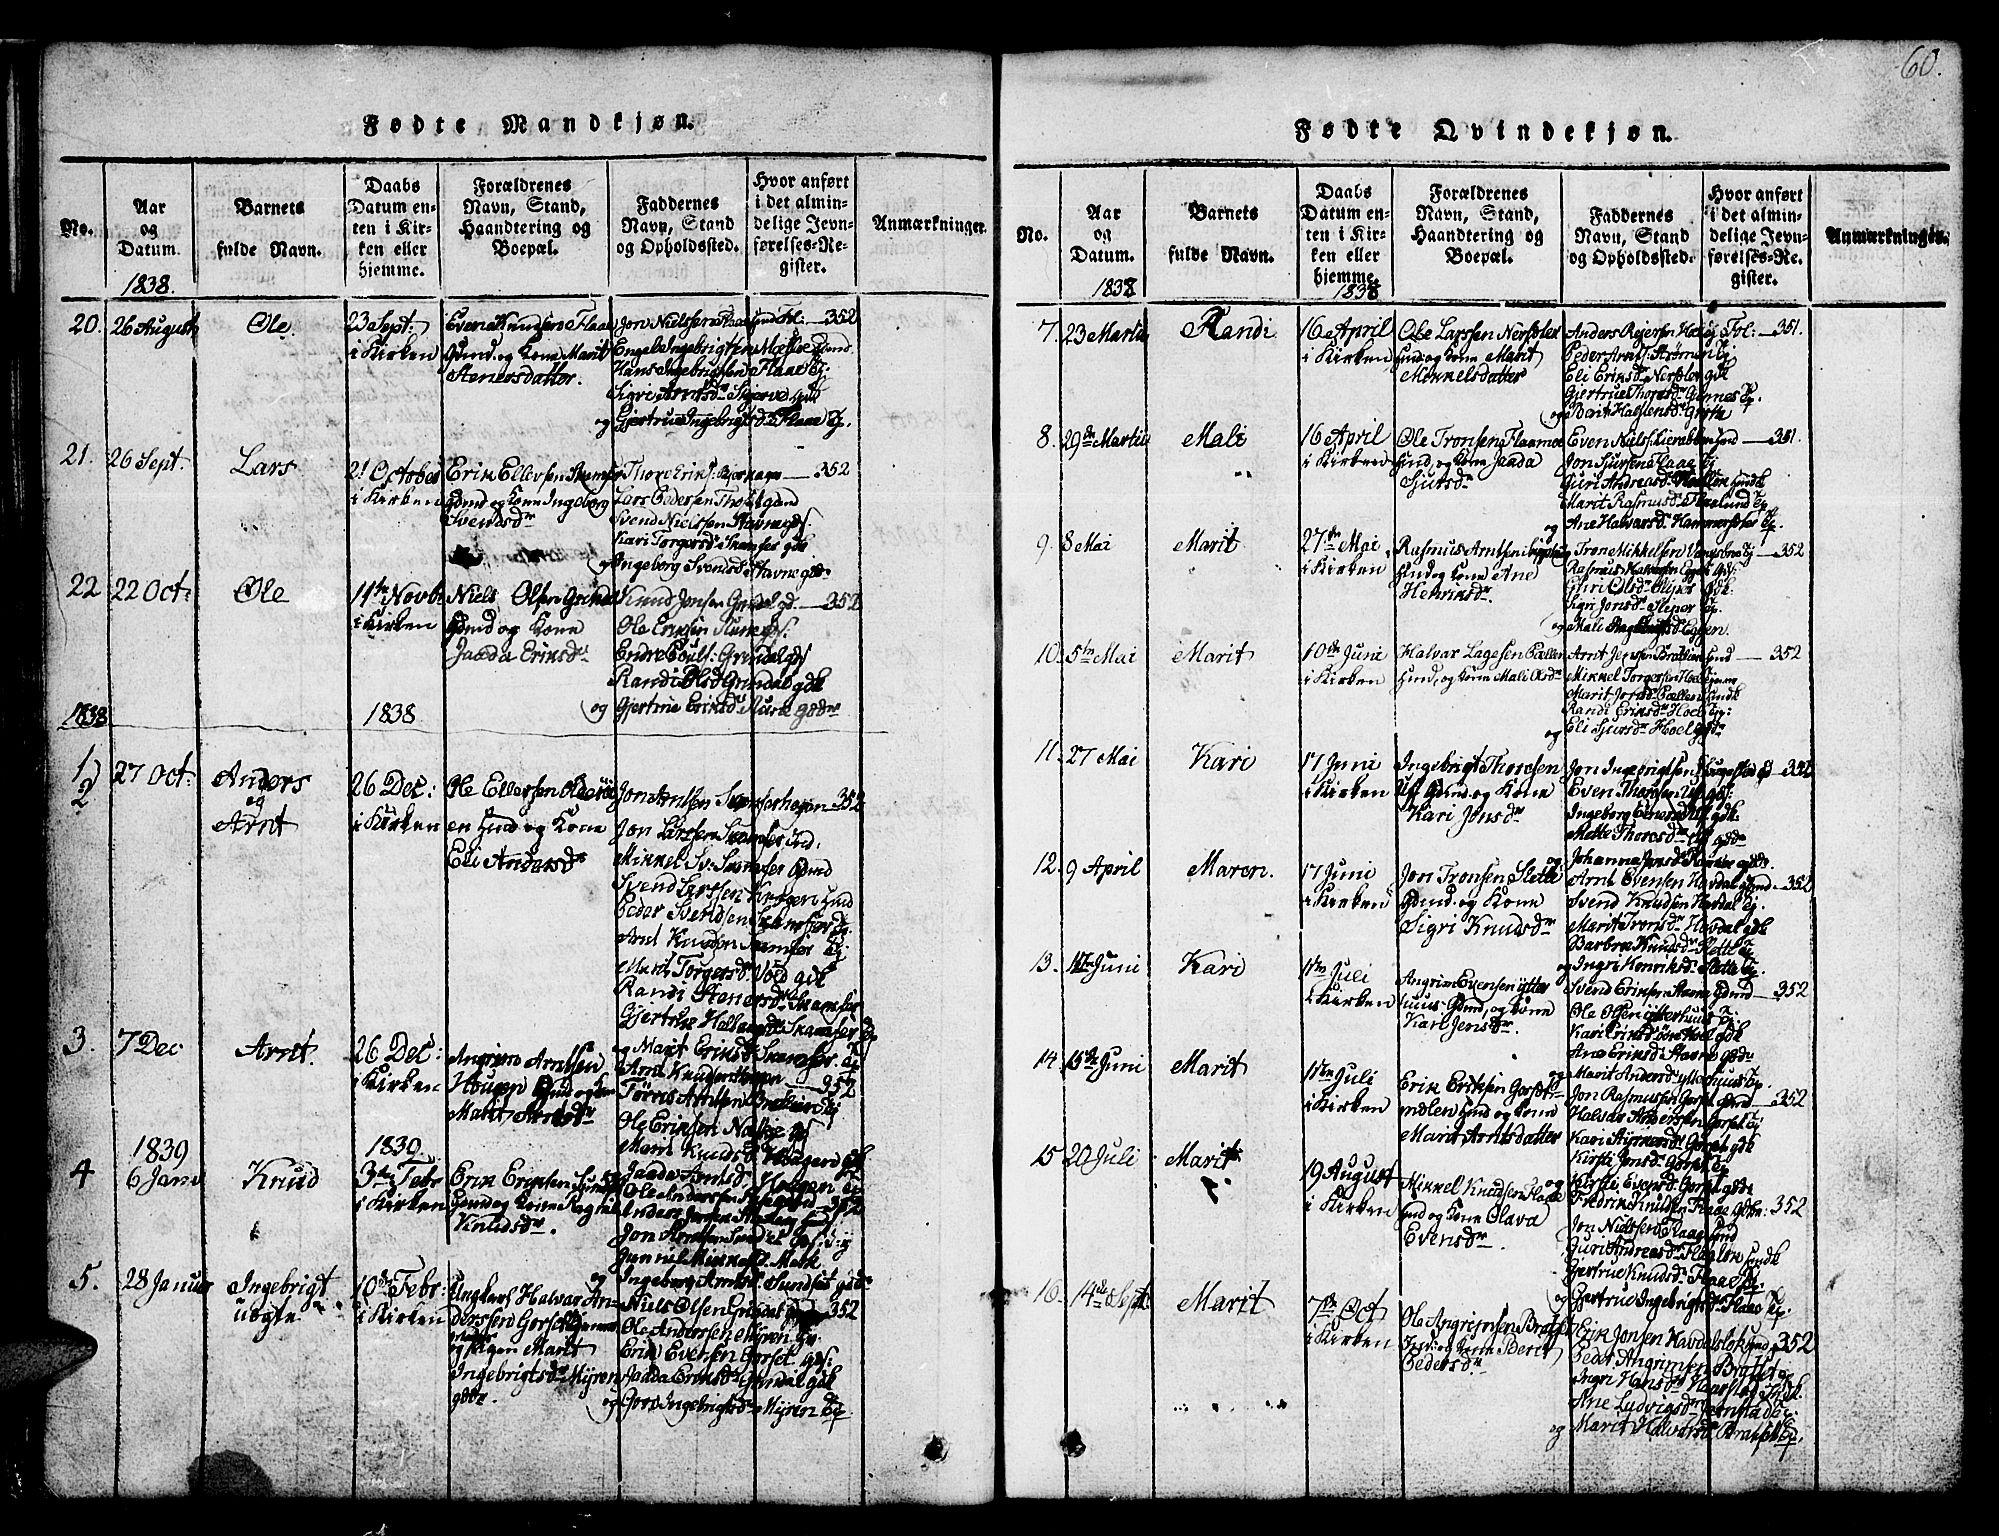 SAT, Ministerialprotokoller, klokkerbøker og fødselsregistre - Sør-Trøndelag, 674/L0874: Klokkerbok nr. 674C01, 1816-1860, s. 60